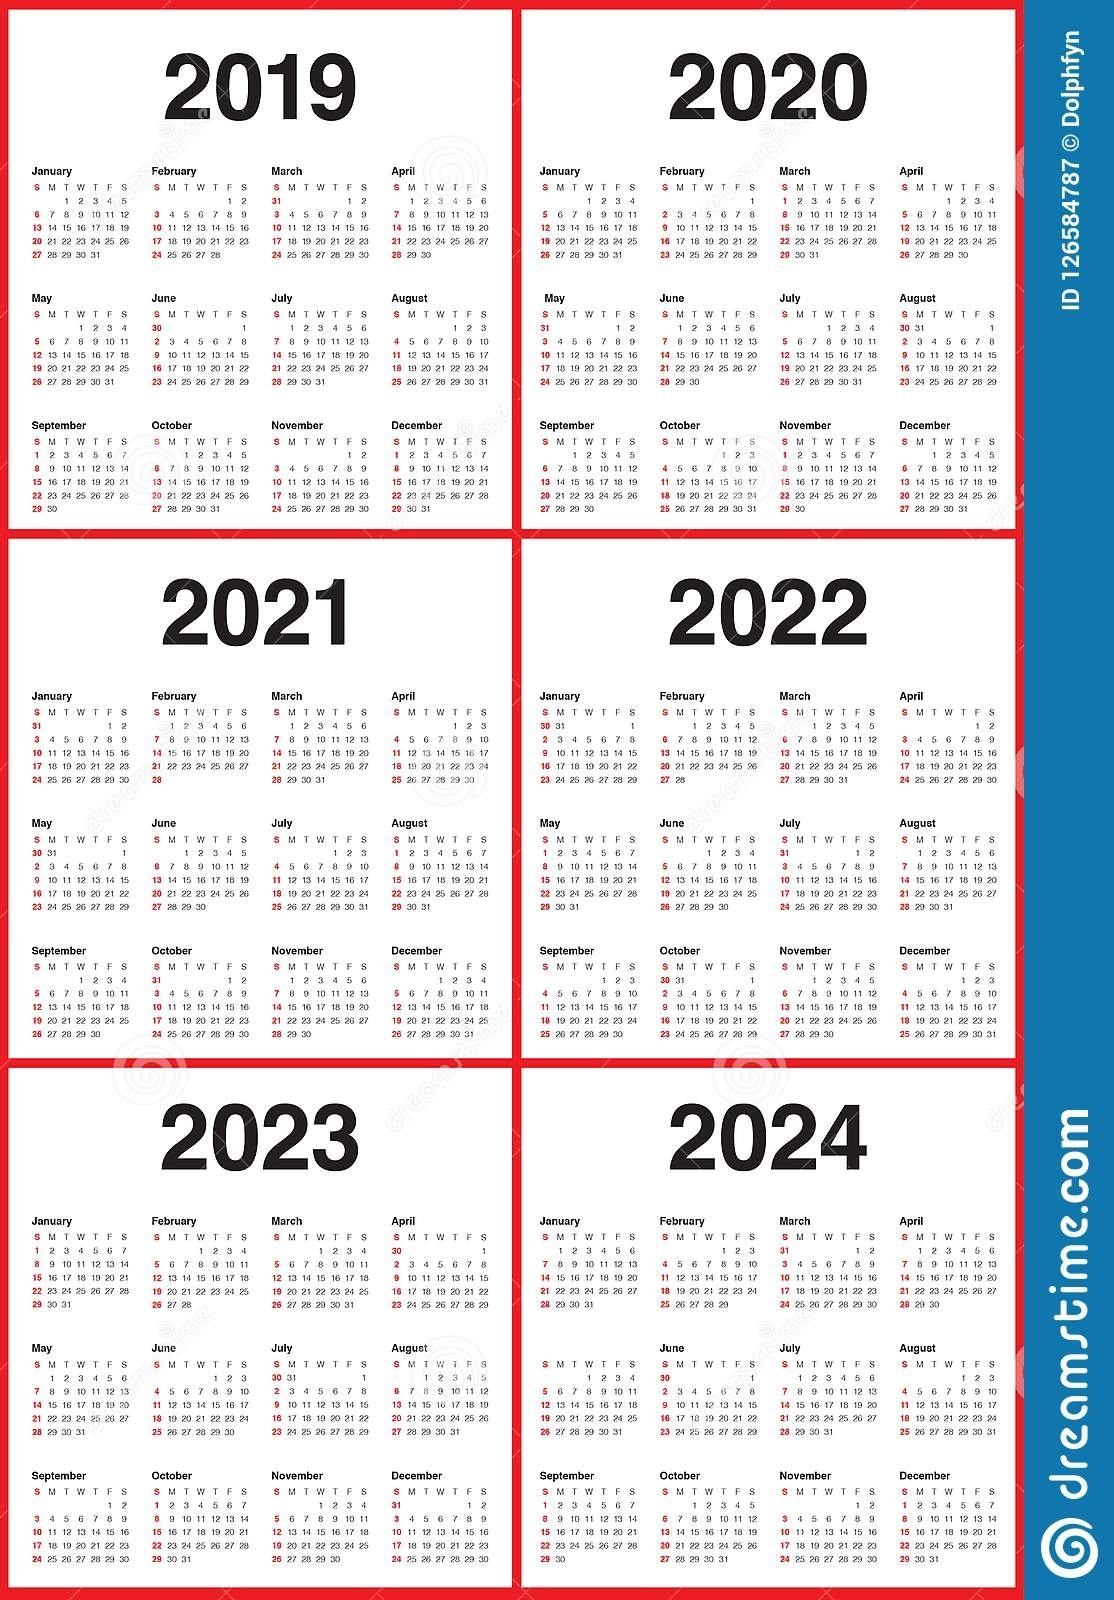 3 Year Calendar 2022 To 2024 | Ten Free Printable Calendar ...